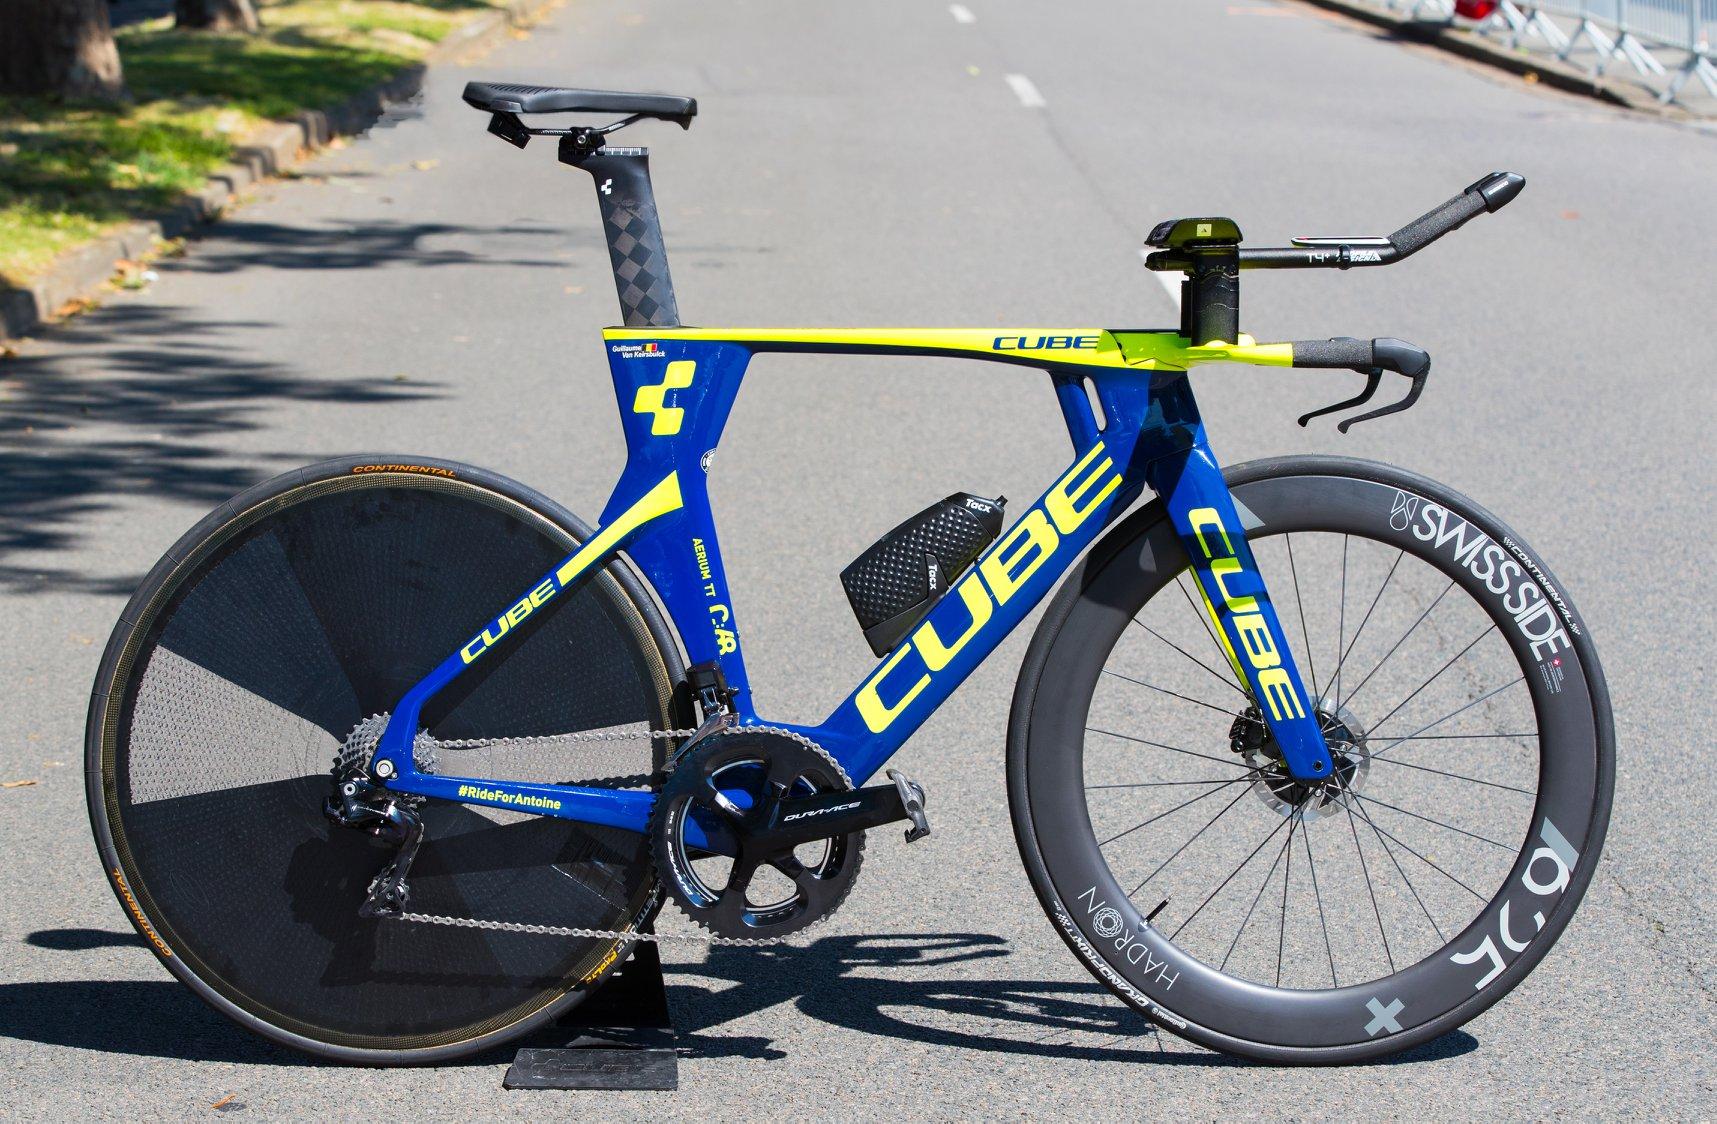 Le Cube Aerium TT C:68 utilisé par les coureurs de la Wanty-Groupe Gobert sur le Tour de France 2018.